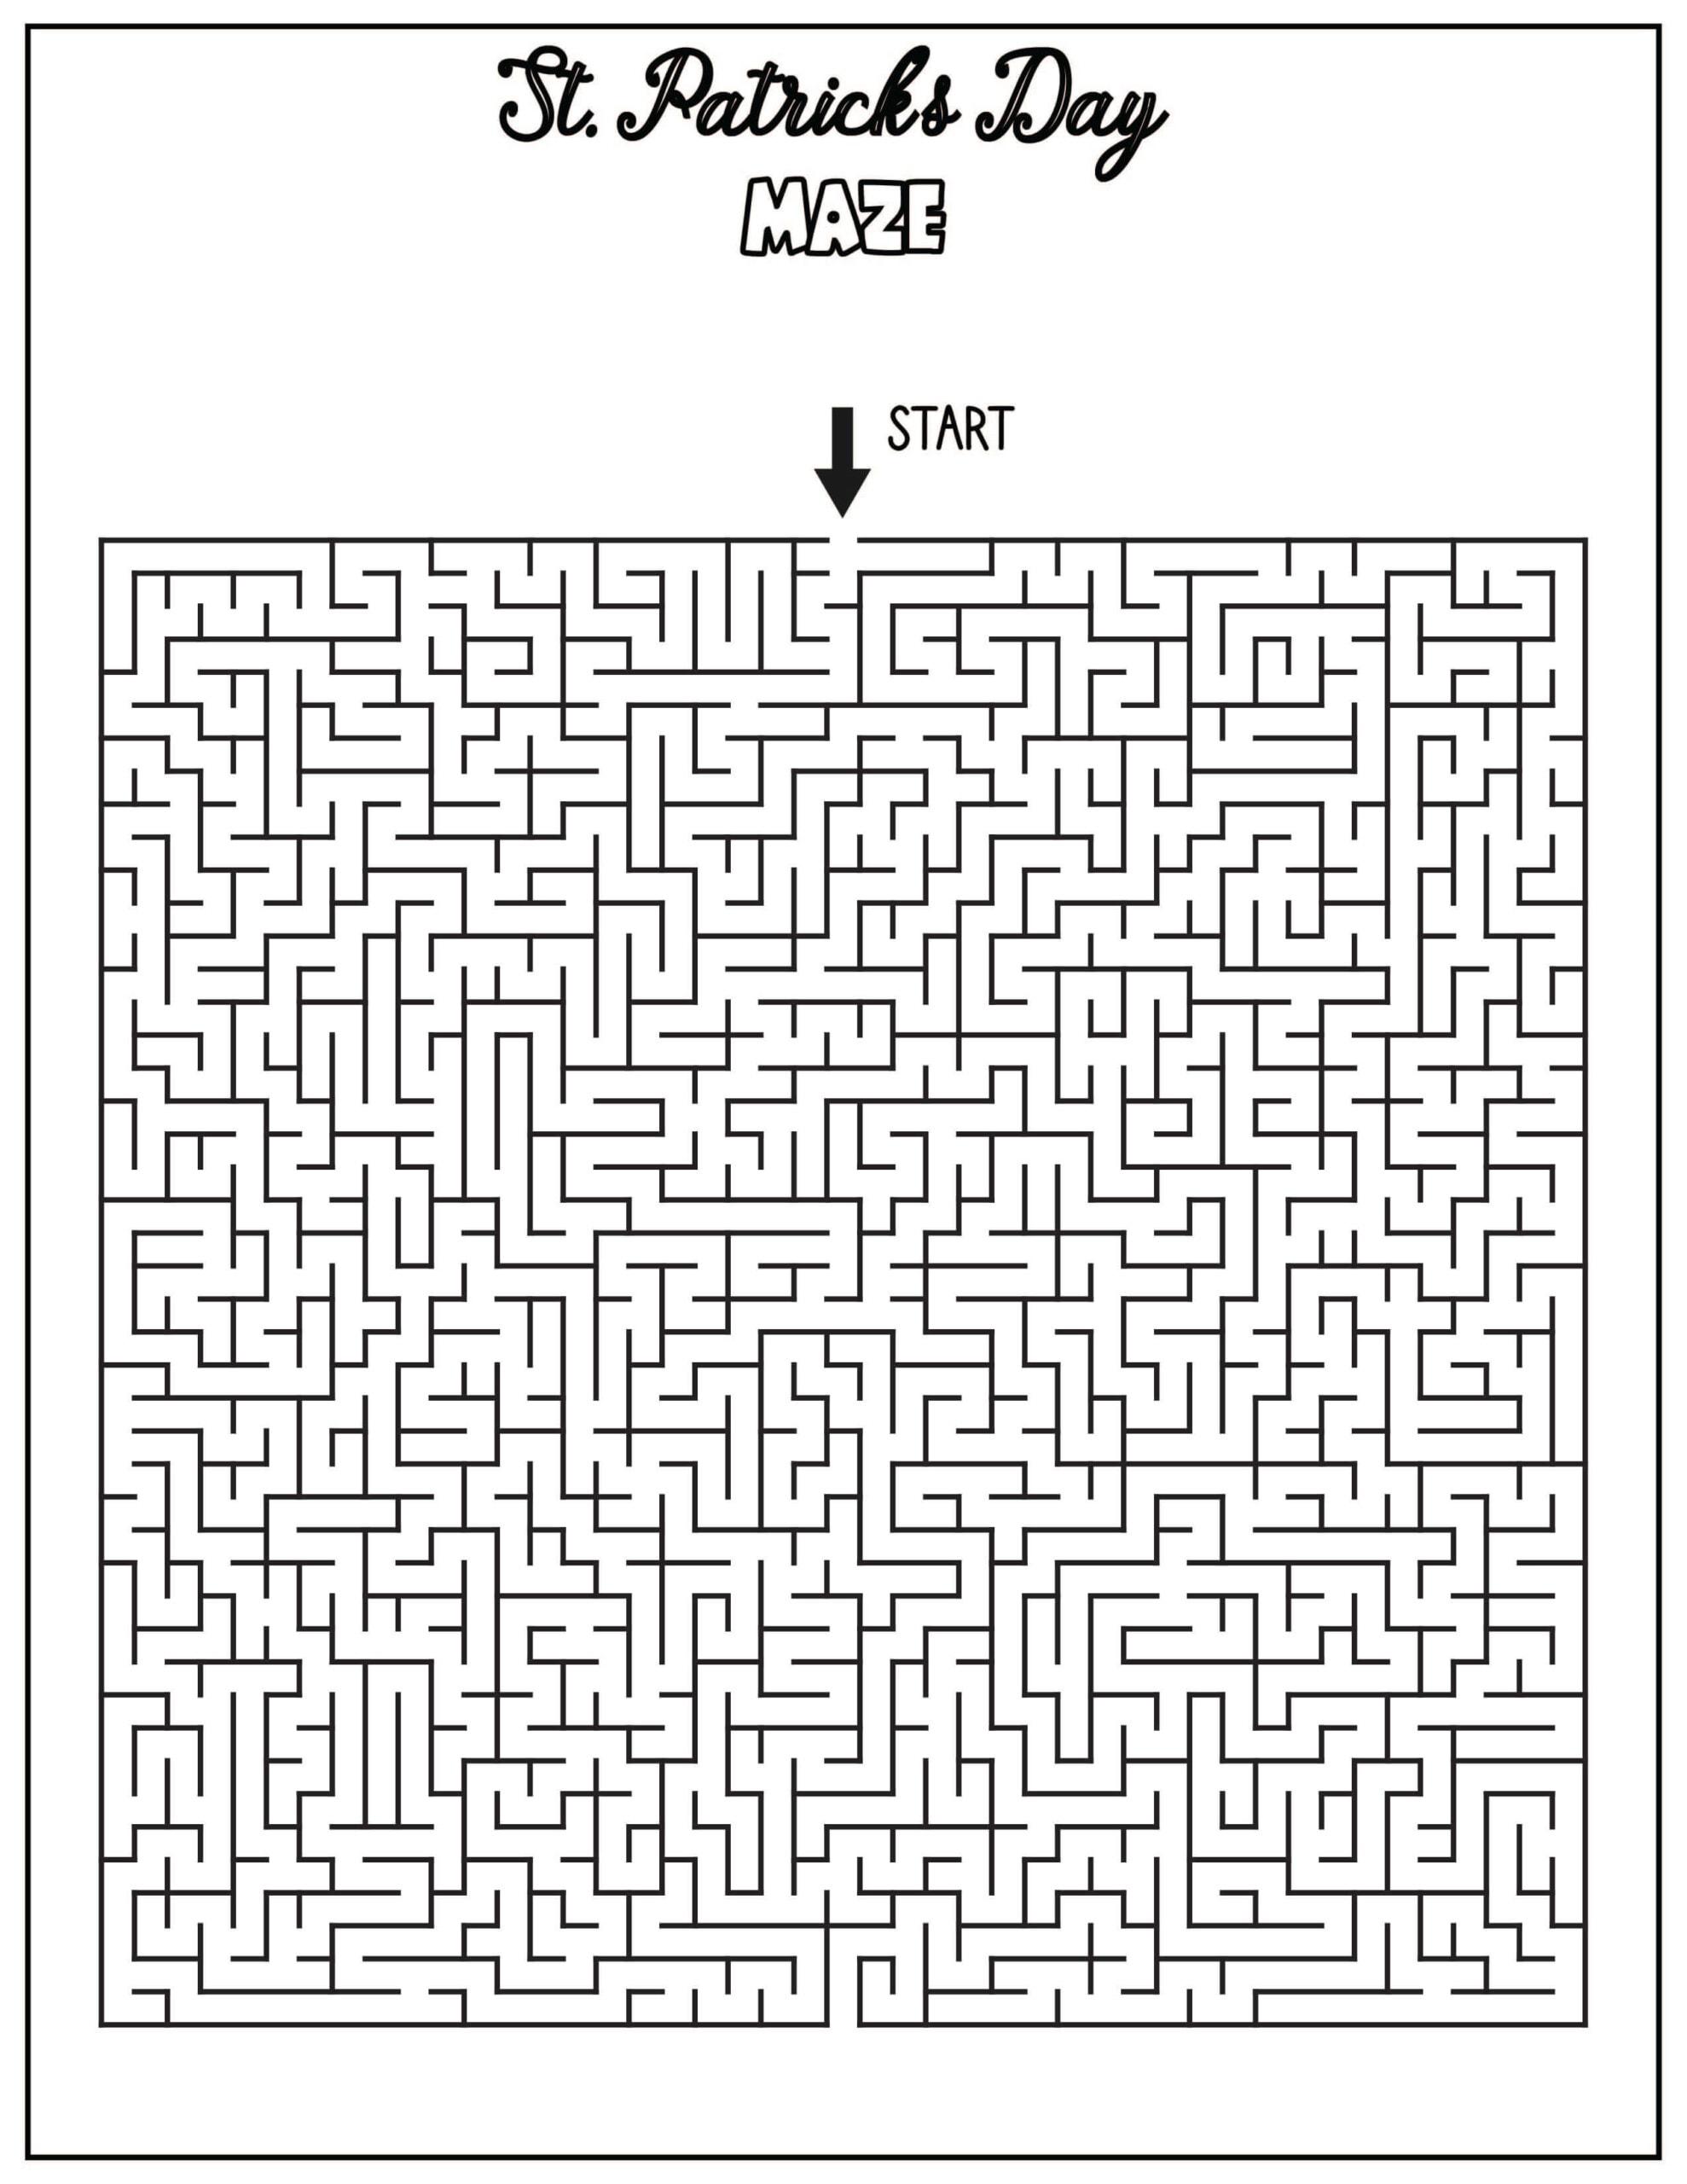 St. Patrick's Day Activity Maze